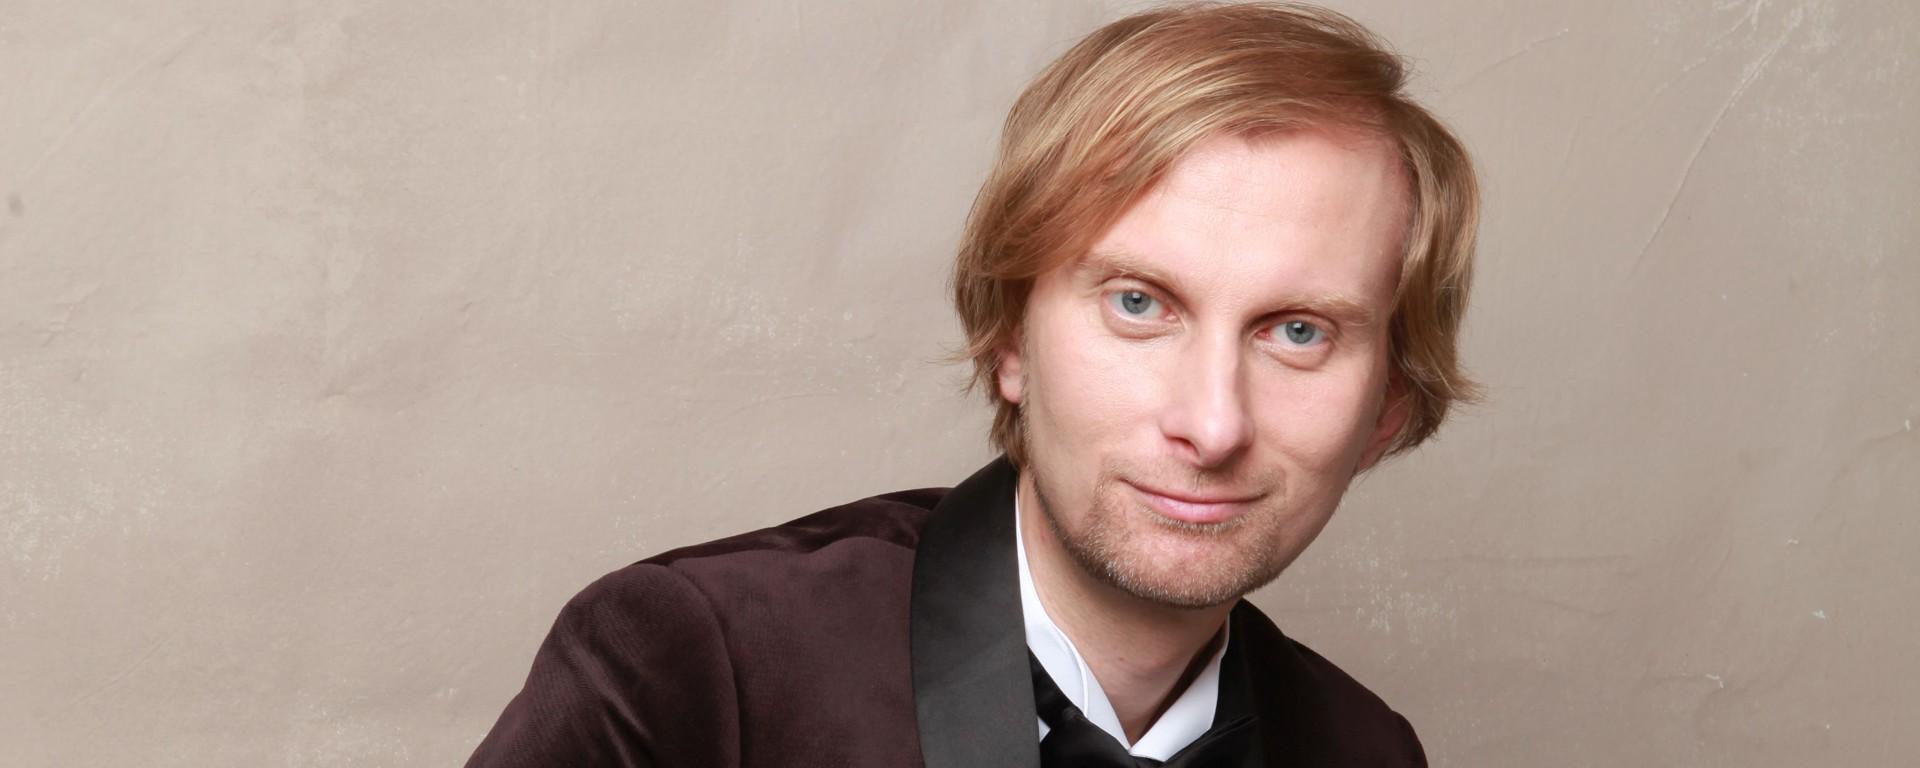 Klavírny virtuóz Ivo Kahánek vydáva novú nahrávku kompletného  klavírneho diela Antonína Dvořáka.